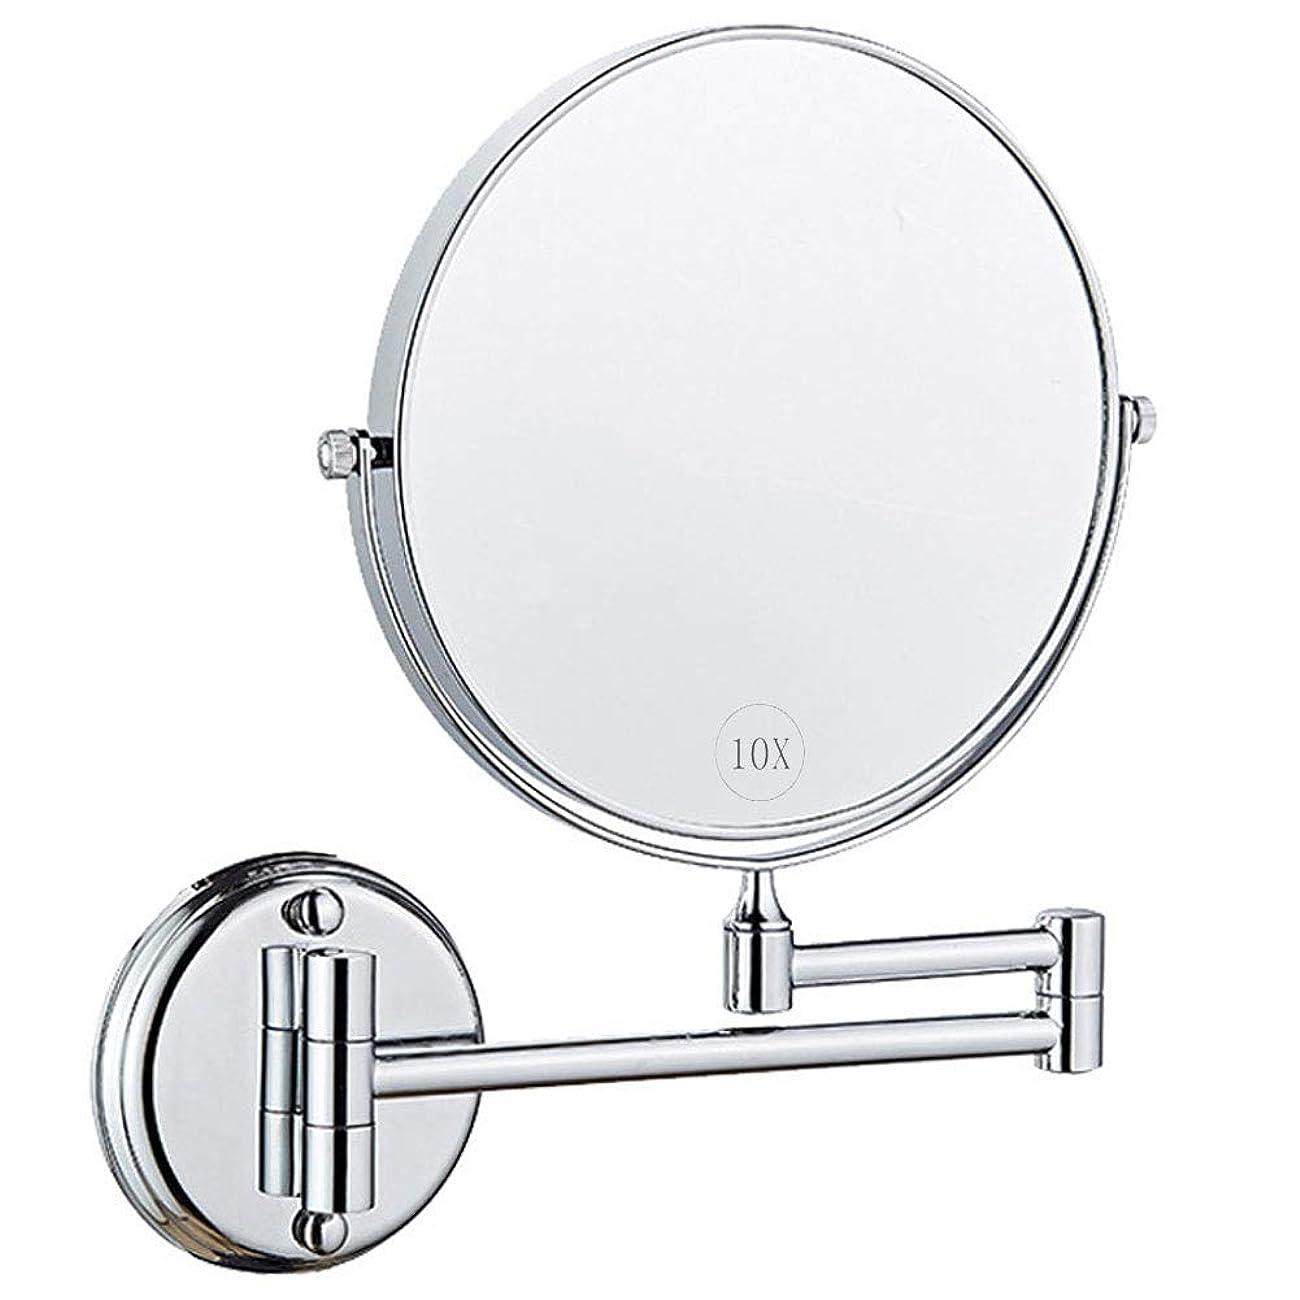 退屈なしてはいけませんモジュールウォールマウントメイクアップミラー、拡大鏡付き8インチ両面回転バニティミラー、拡張可能な化粧品またはバスルームホテルのベッドルーム